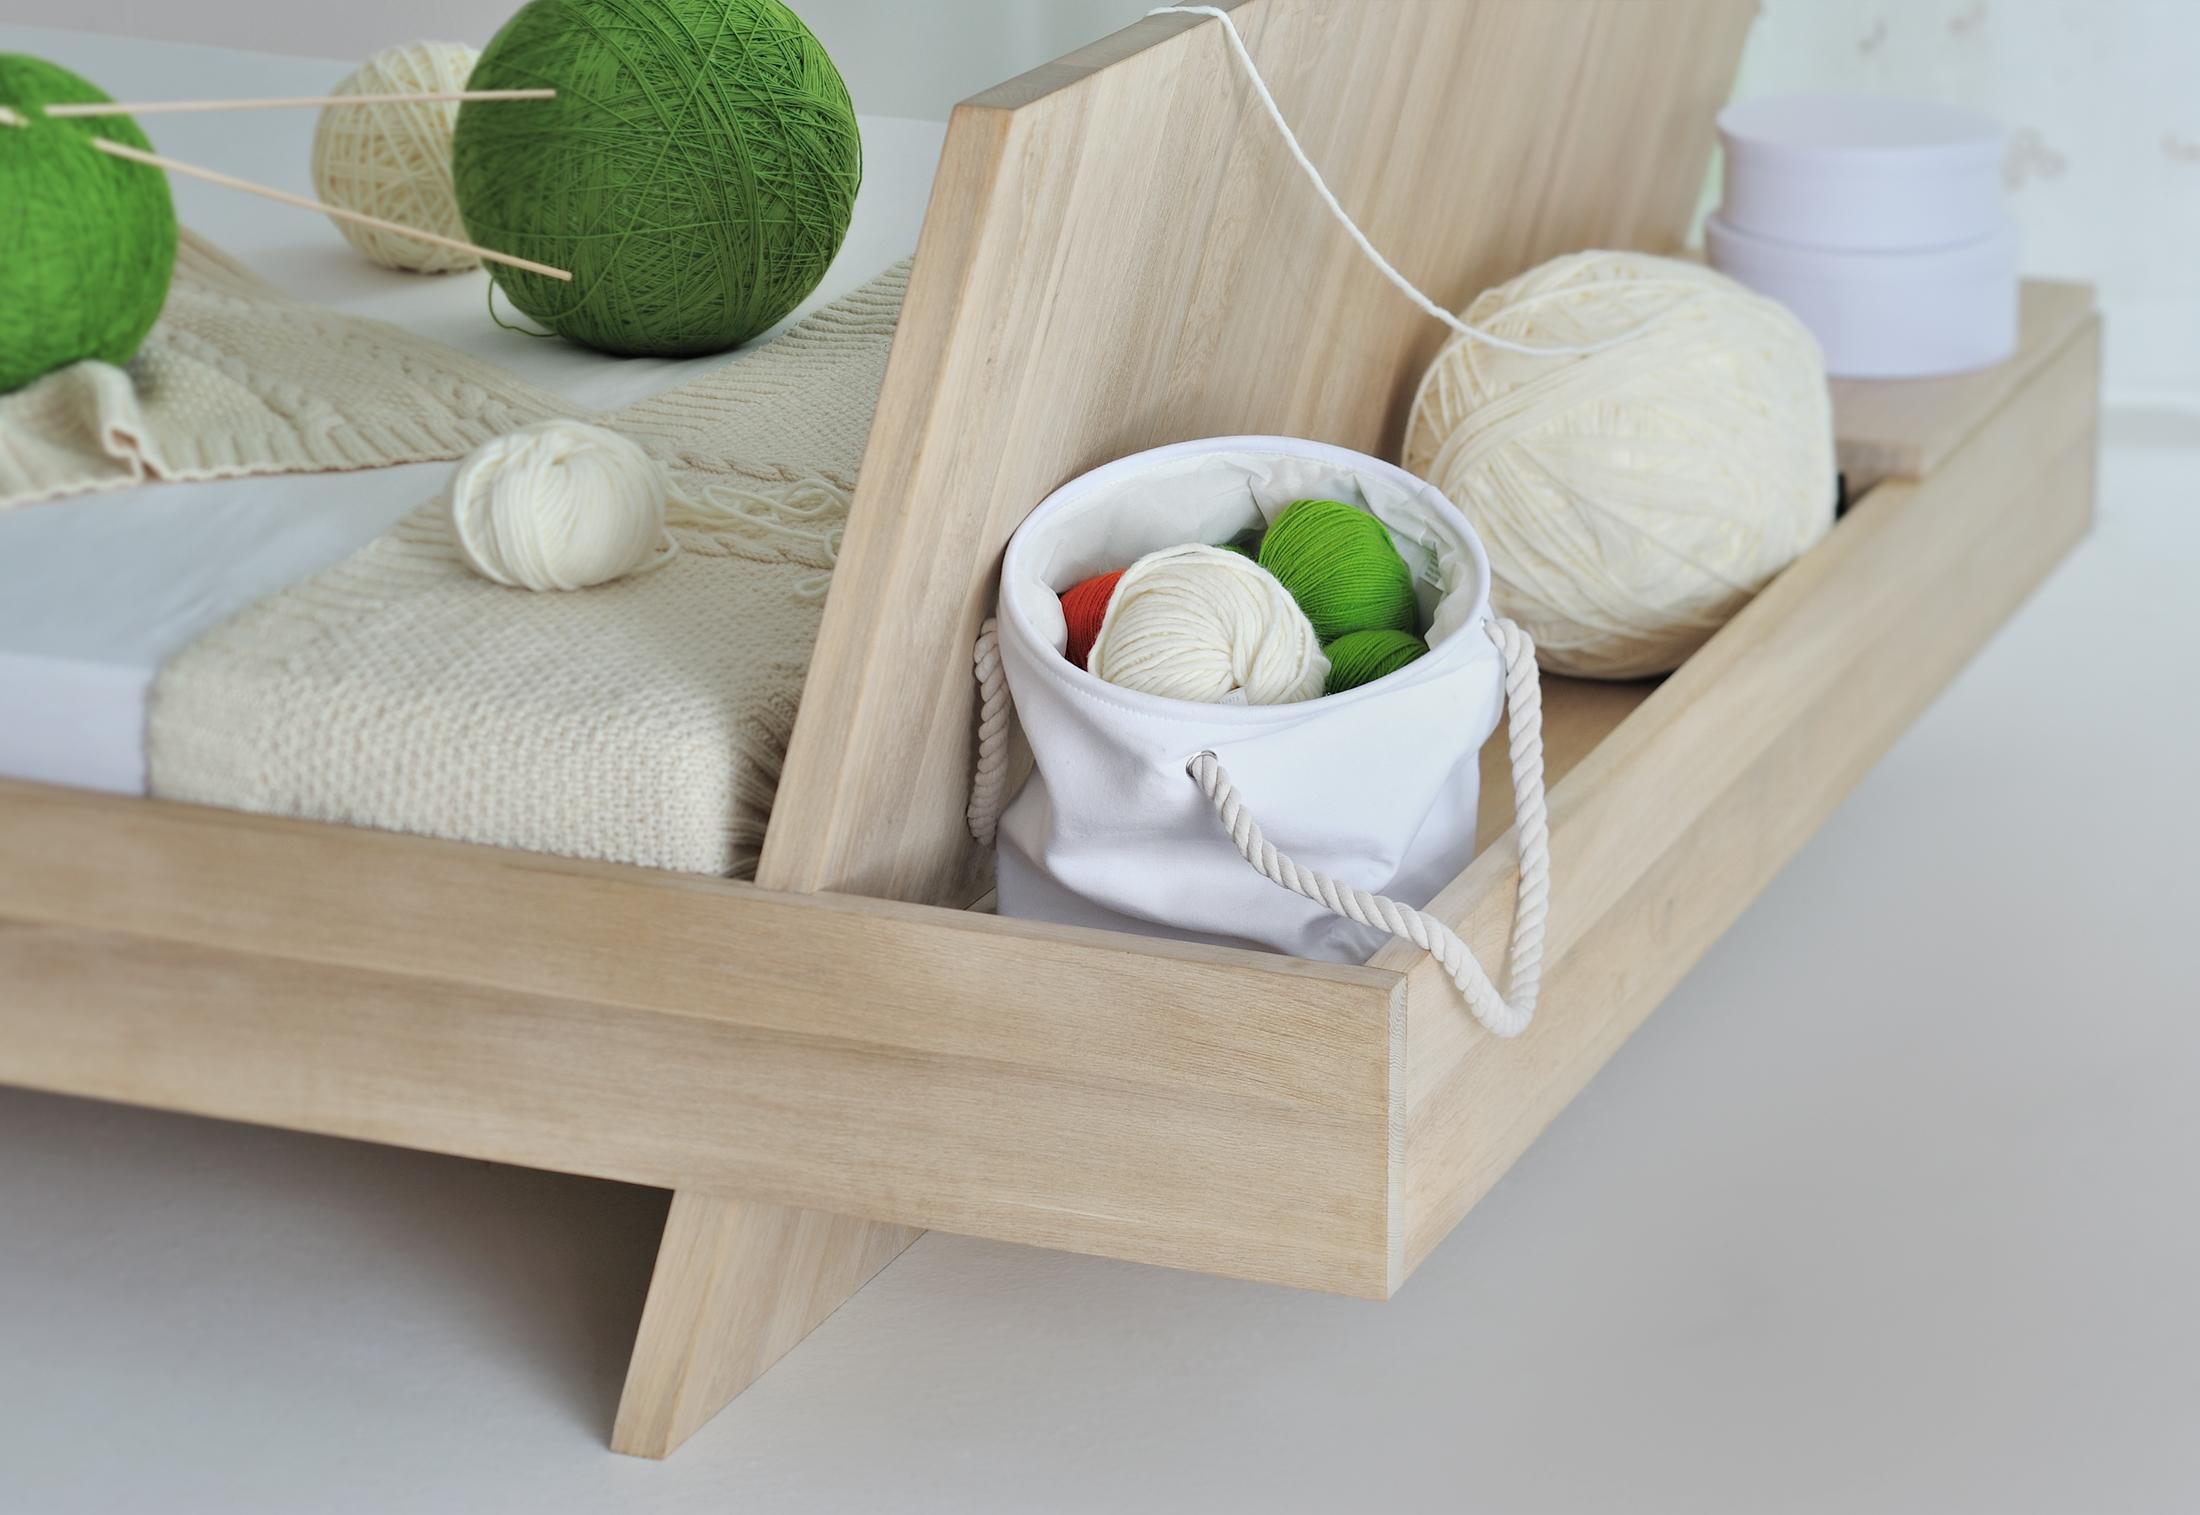 somnia furniture. Somnia Bed Furniture